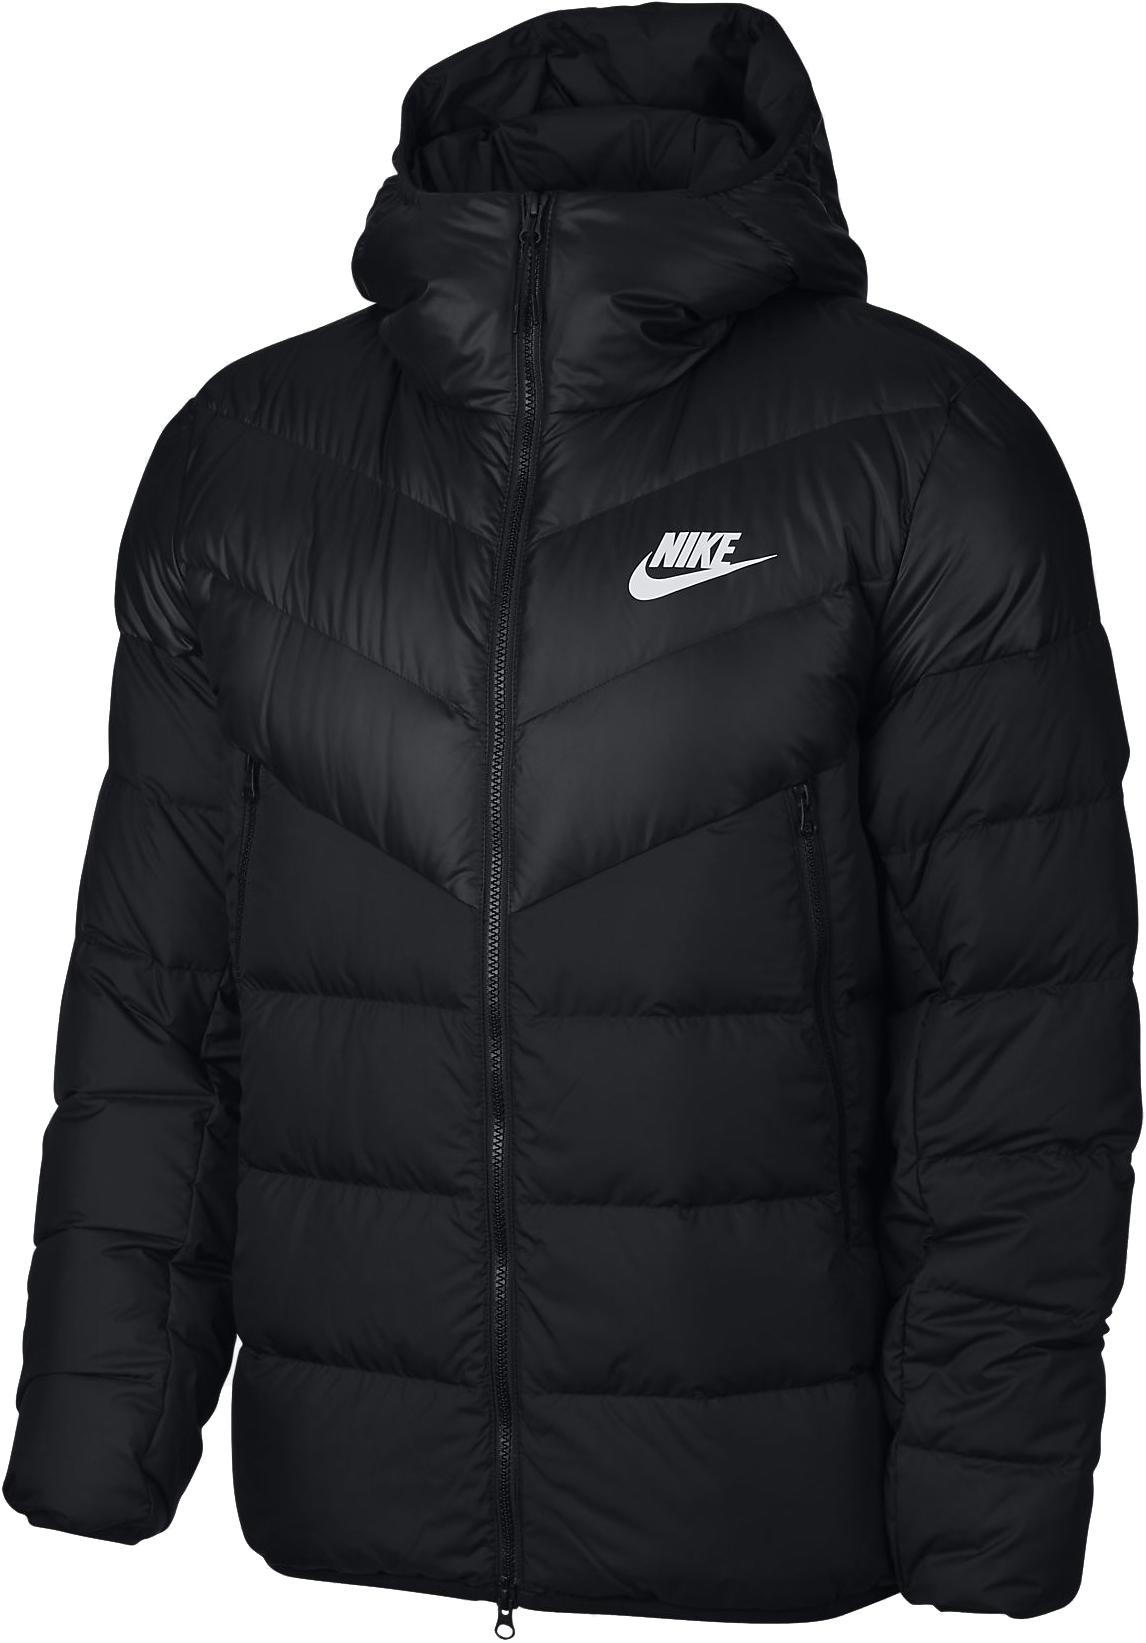 Nike Куртка пуховая мужская Nike Windrunner, размер 52-54 цена